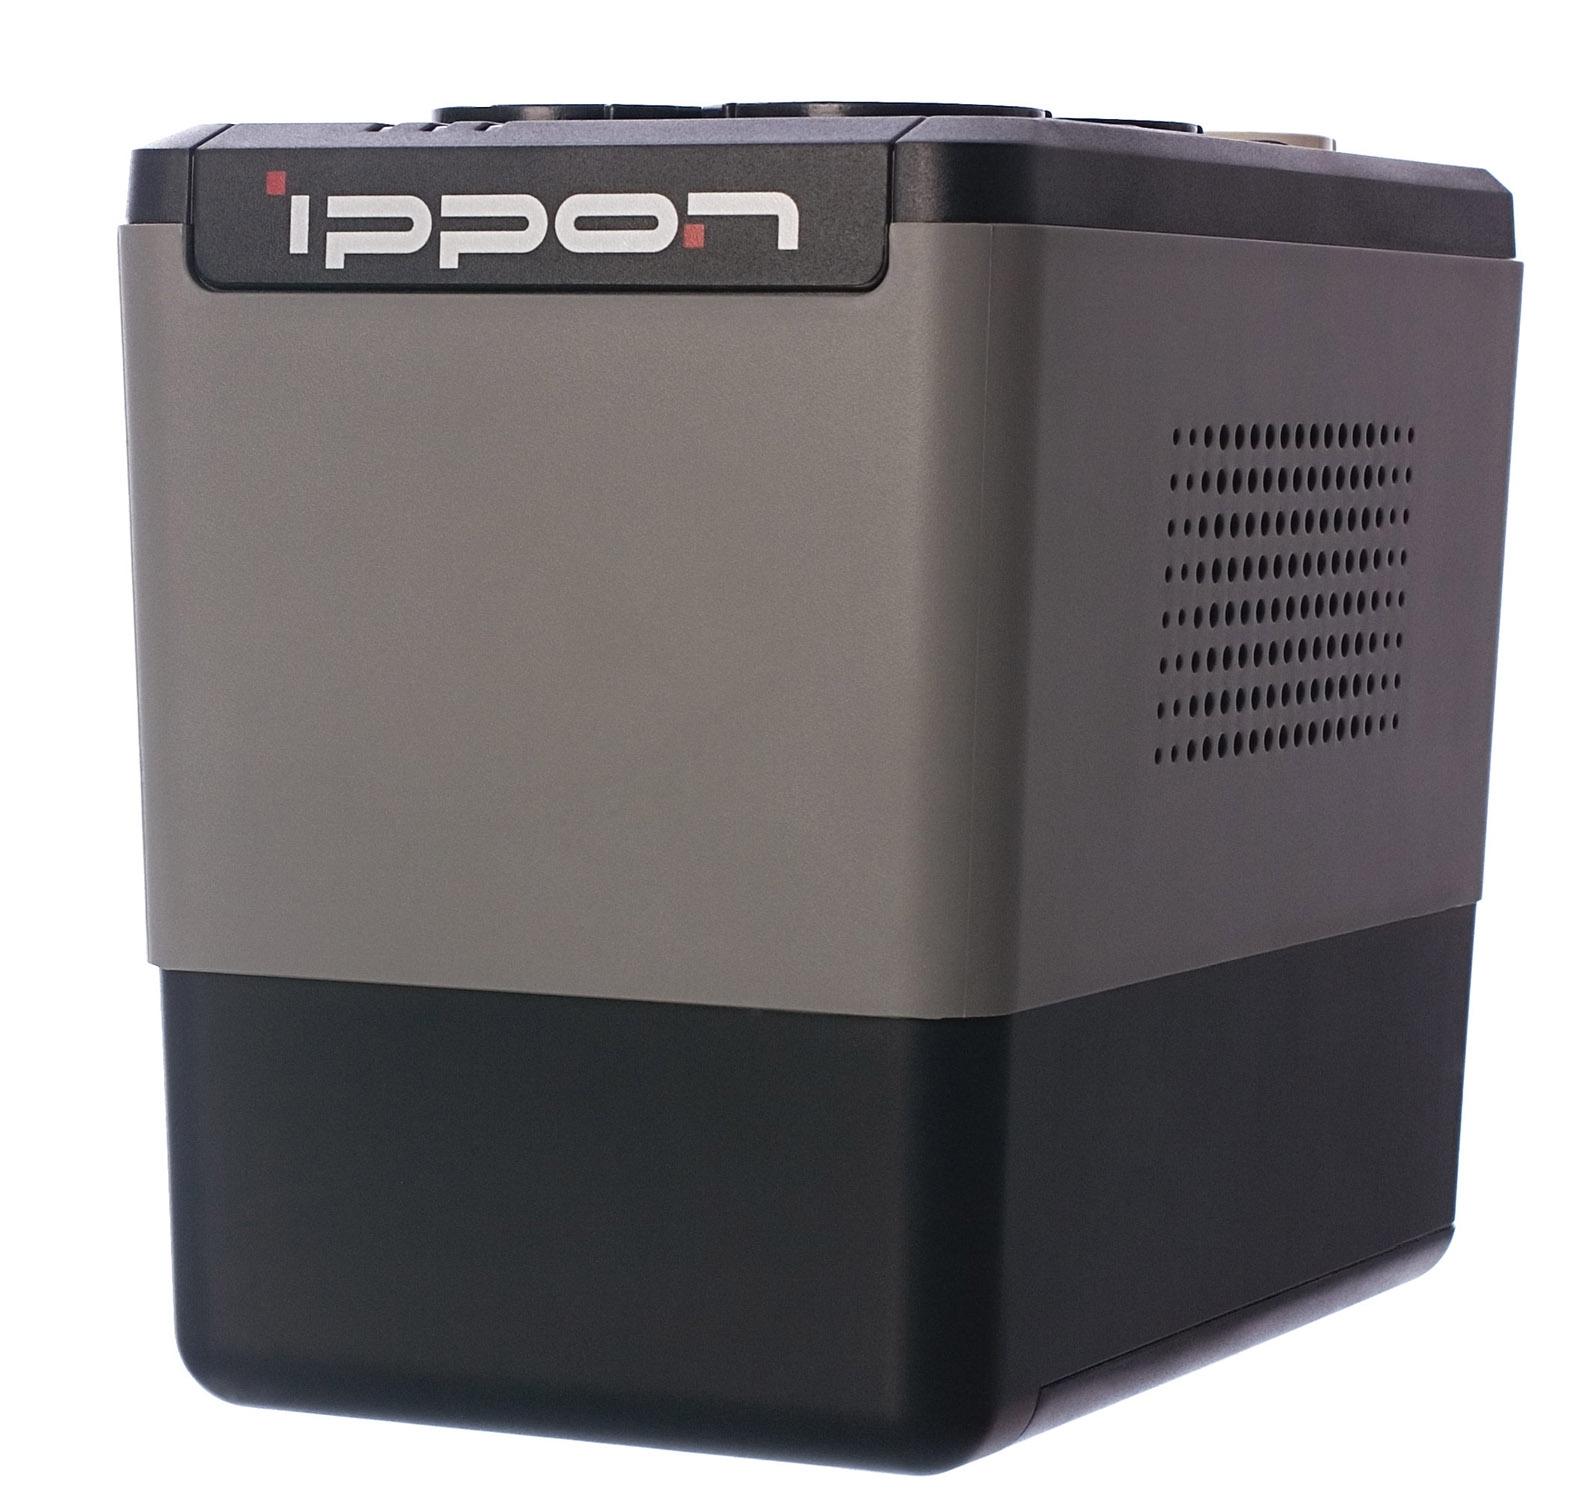 Источник бесперебойного питания Ippon Back Verso 400, Black9400-3337-02Источники бесперебойного питания (UPS) серии Back Verso предназначены для защиты персональных компьютеров и мониторов, а также другой периферийной компьютерной и вычислительной техники от основных неполадок с электропитанием: высоковольтных выбросов, электромагнитных и радиочастотных помех, понижений, повышений и полного исчезновения напряжения в электросети.